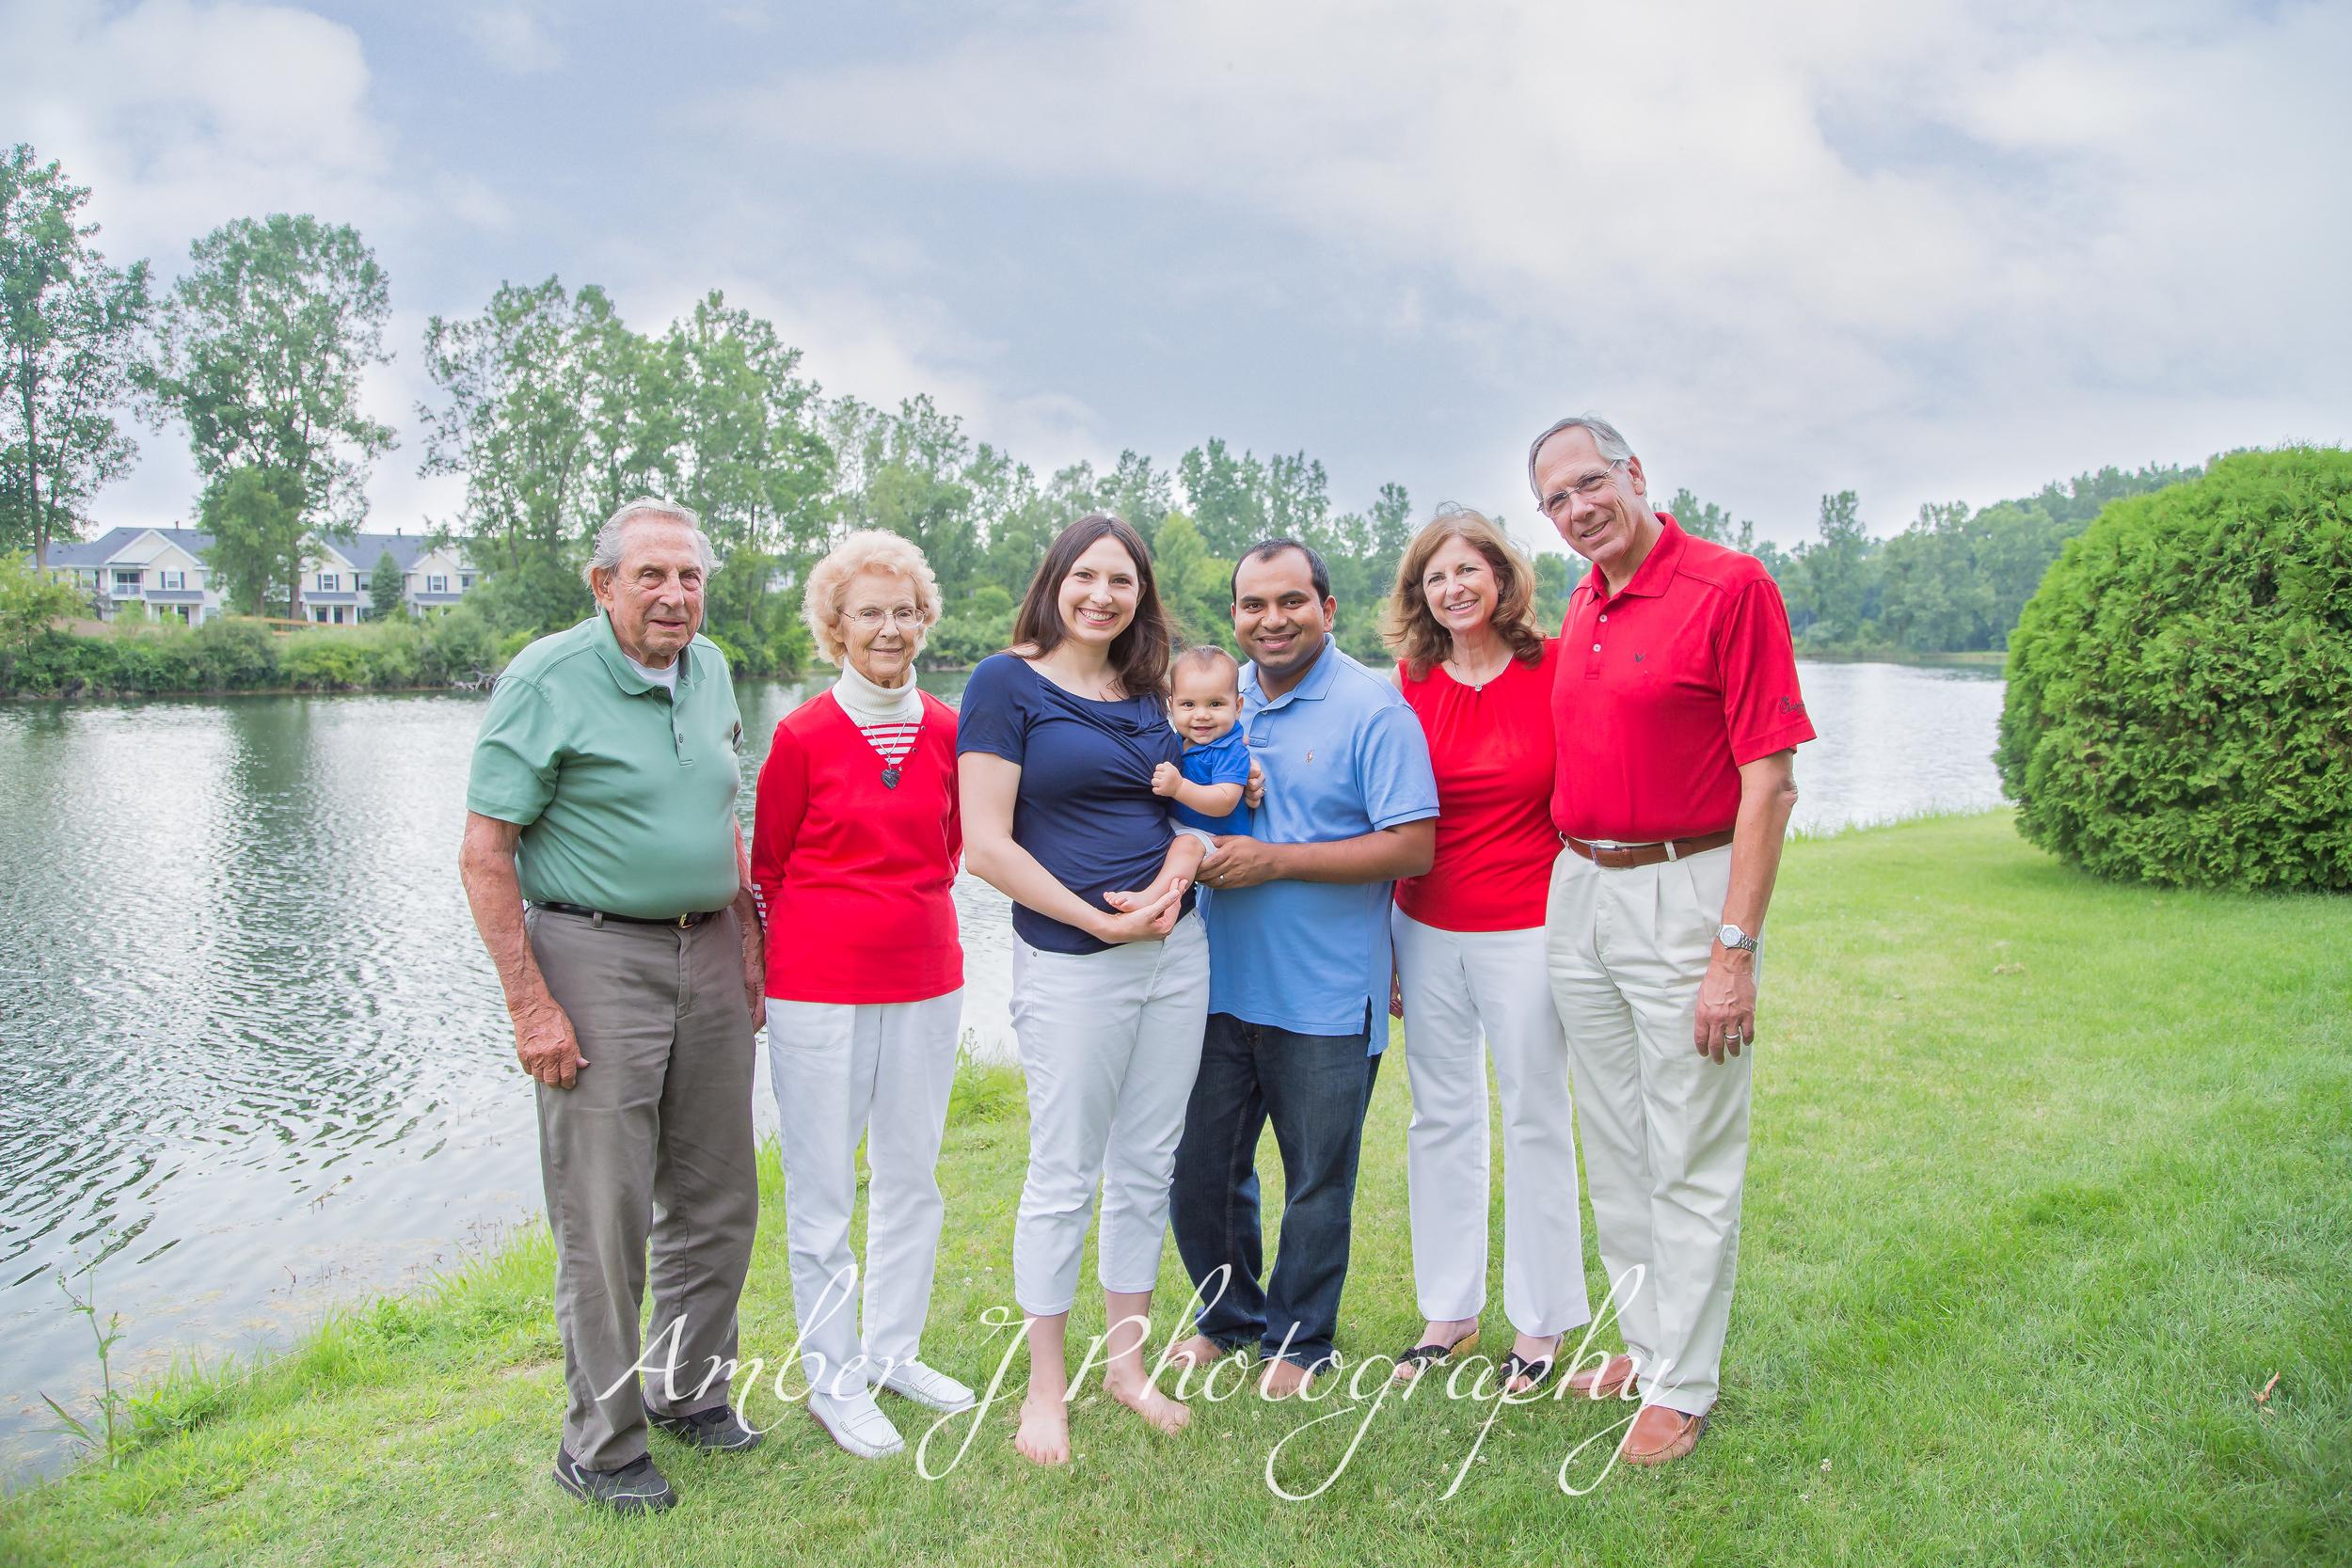 Burrfamily_amberjphotographyblog_04.jpg